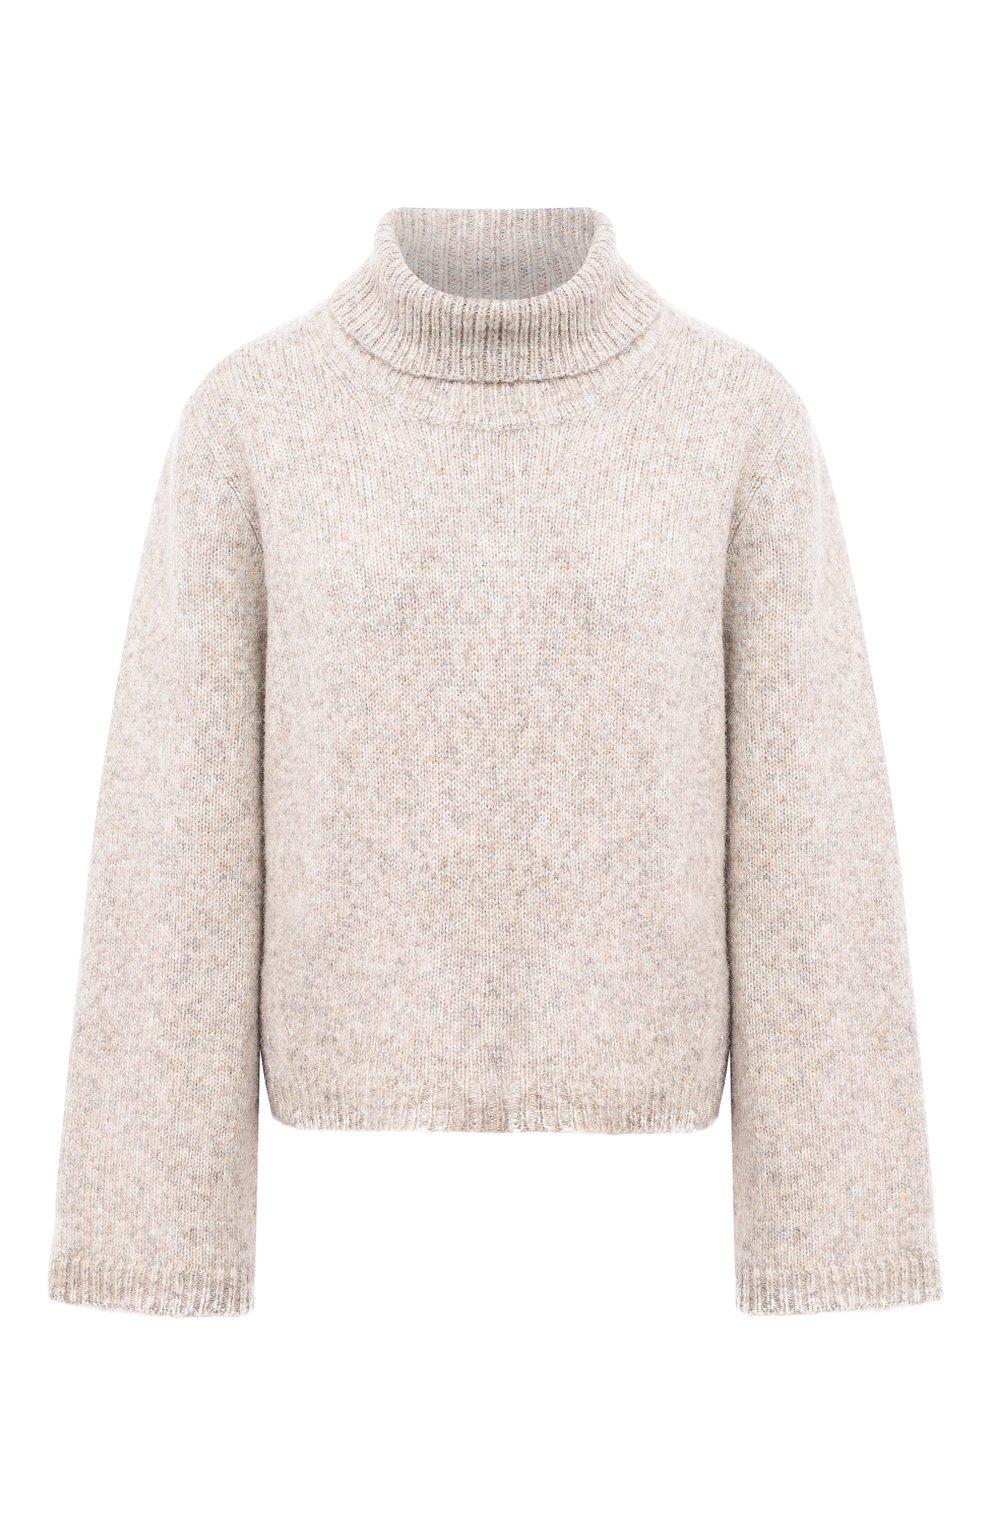 Женский шерстяной свитер TOTÊME светло-серого цвета, арт. RAVENNA 203-584-764 | Фото 1